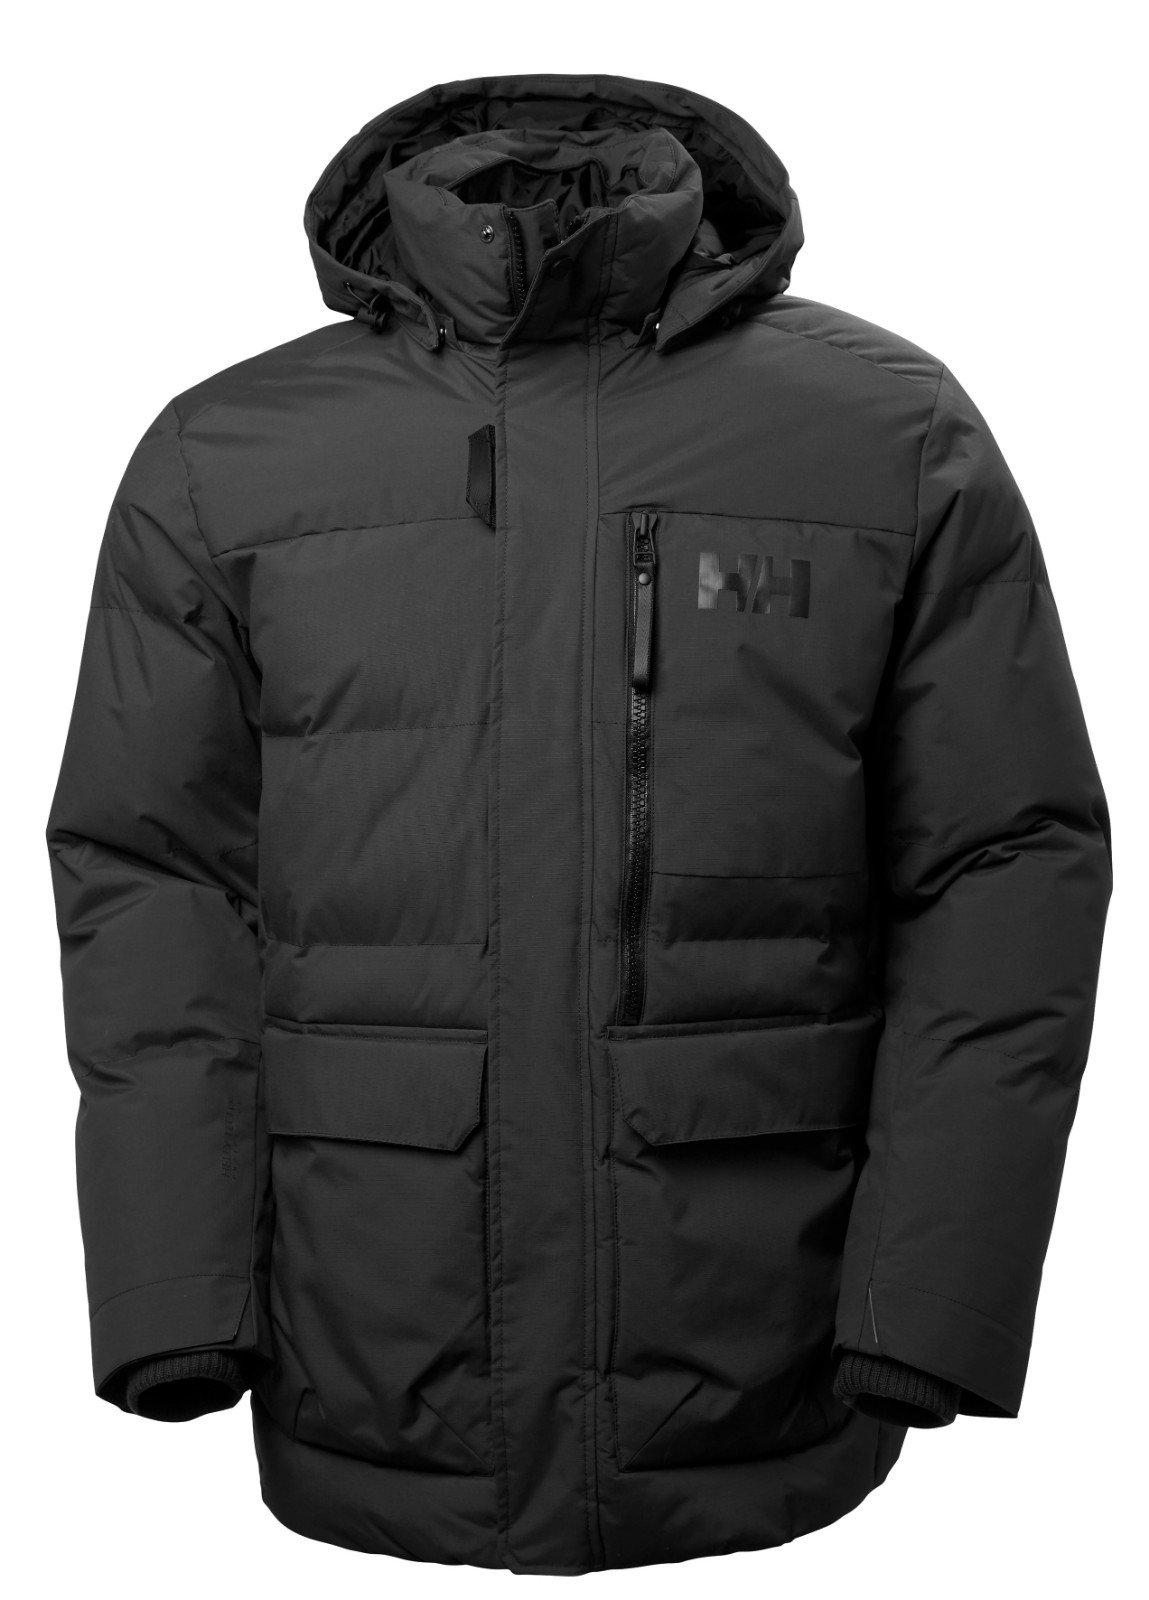 Helly Hansen Tromsoe Jacket, Black, Large